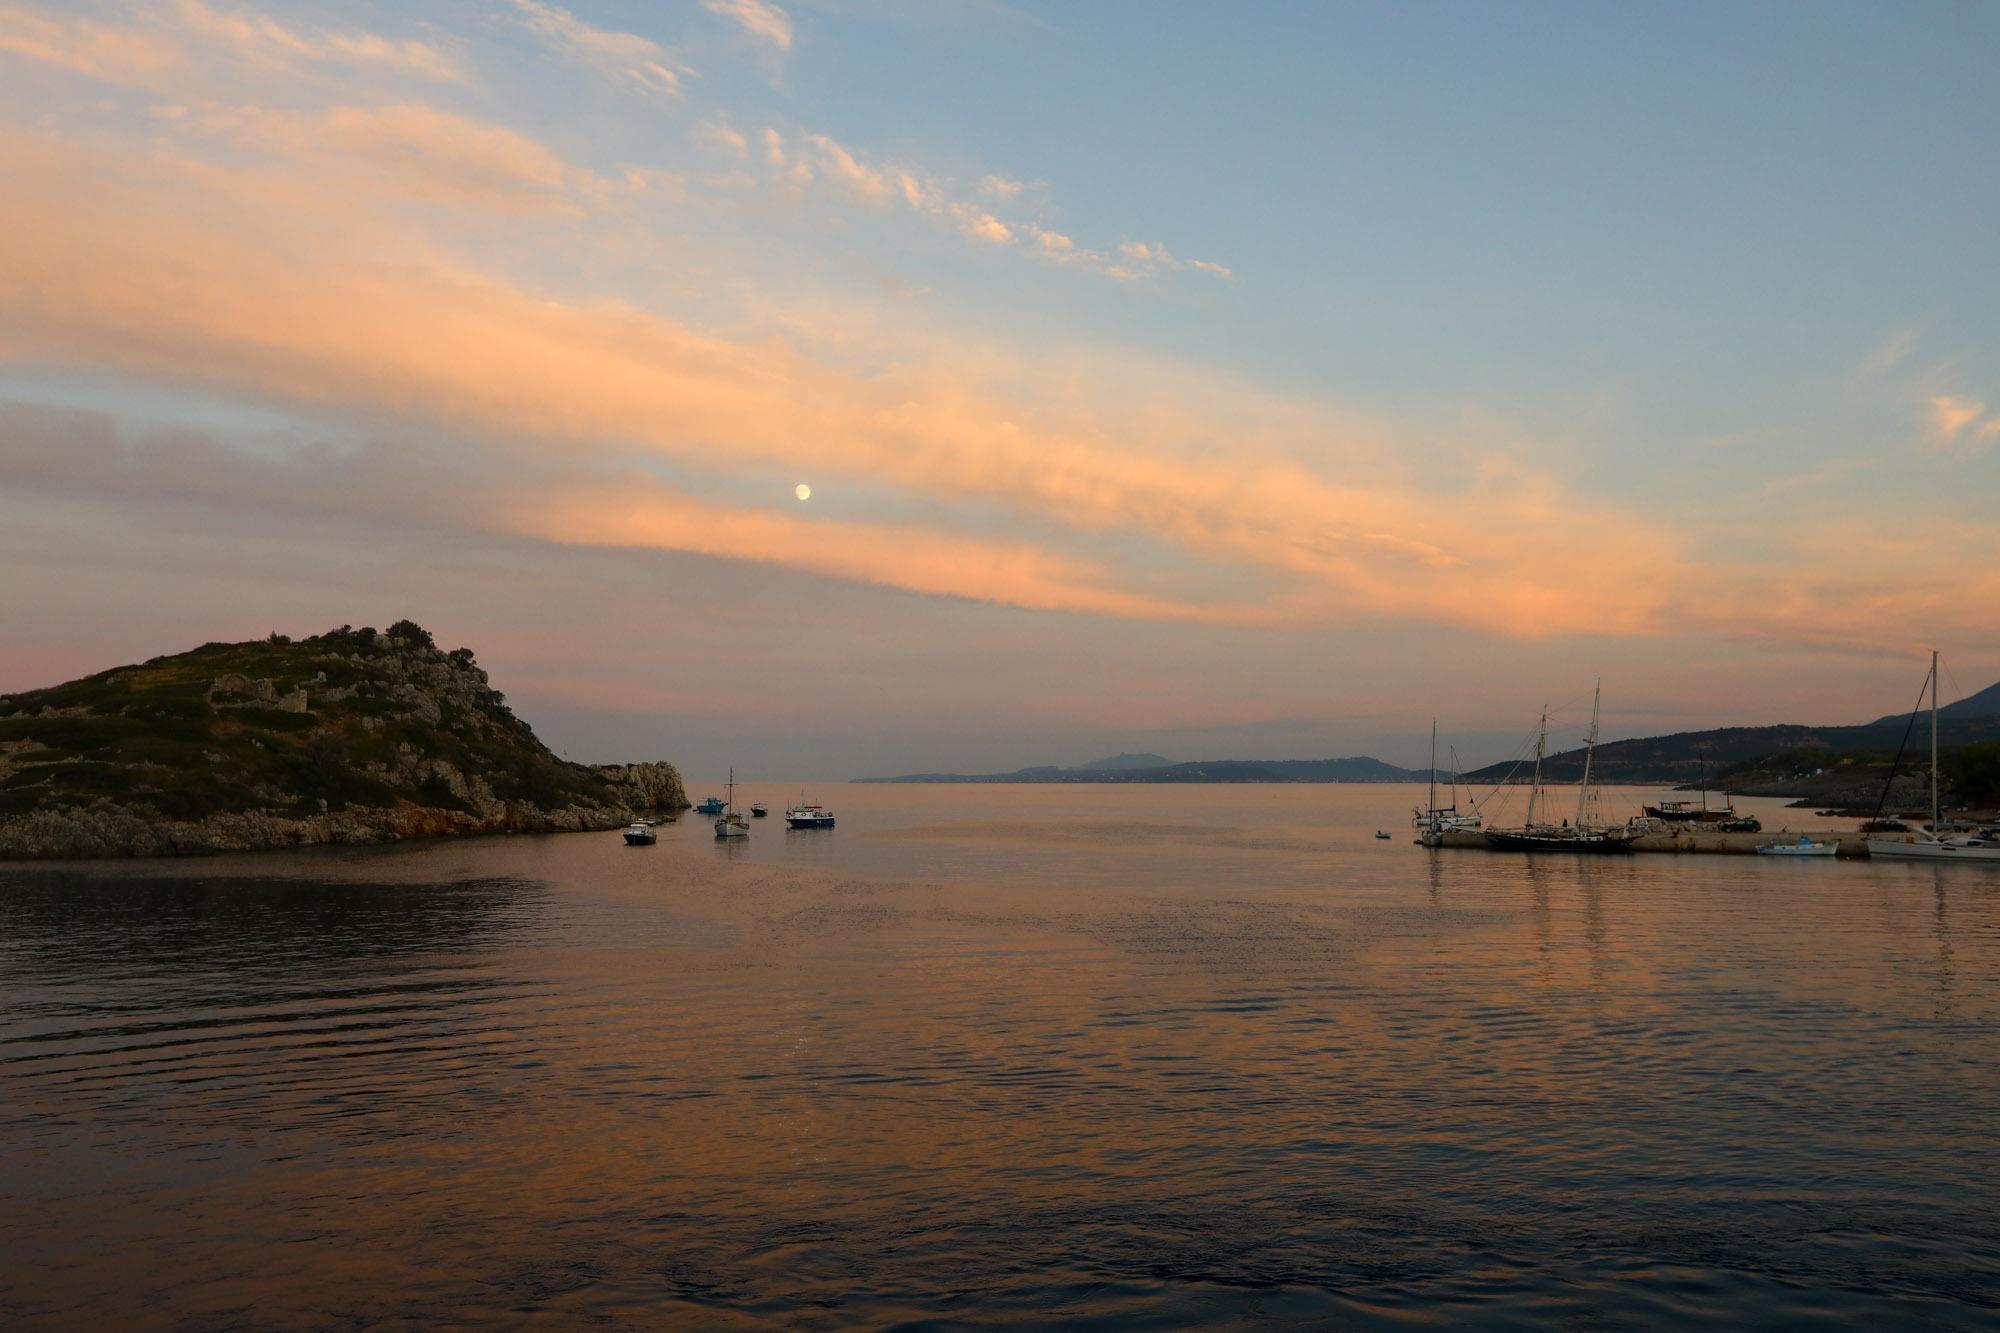 Pôr do sol na partida do ferry para Cefalônia